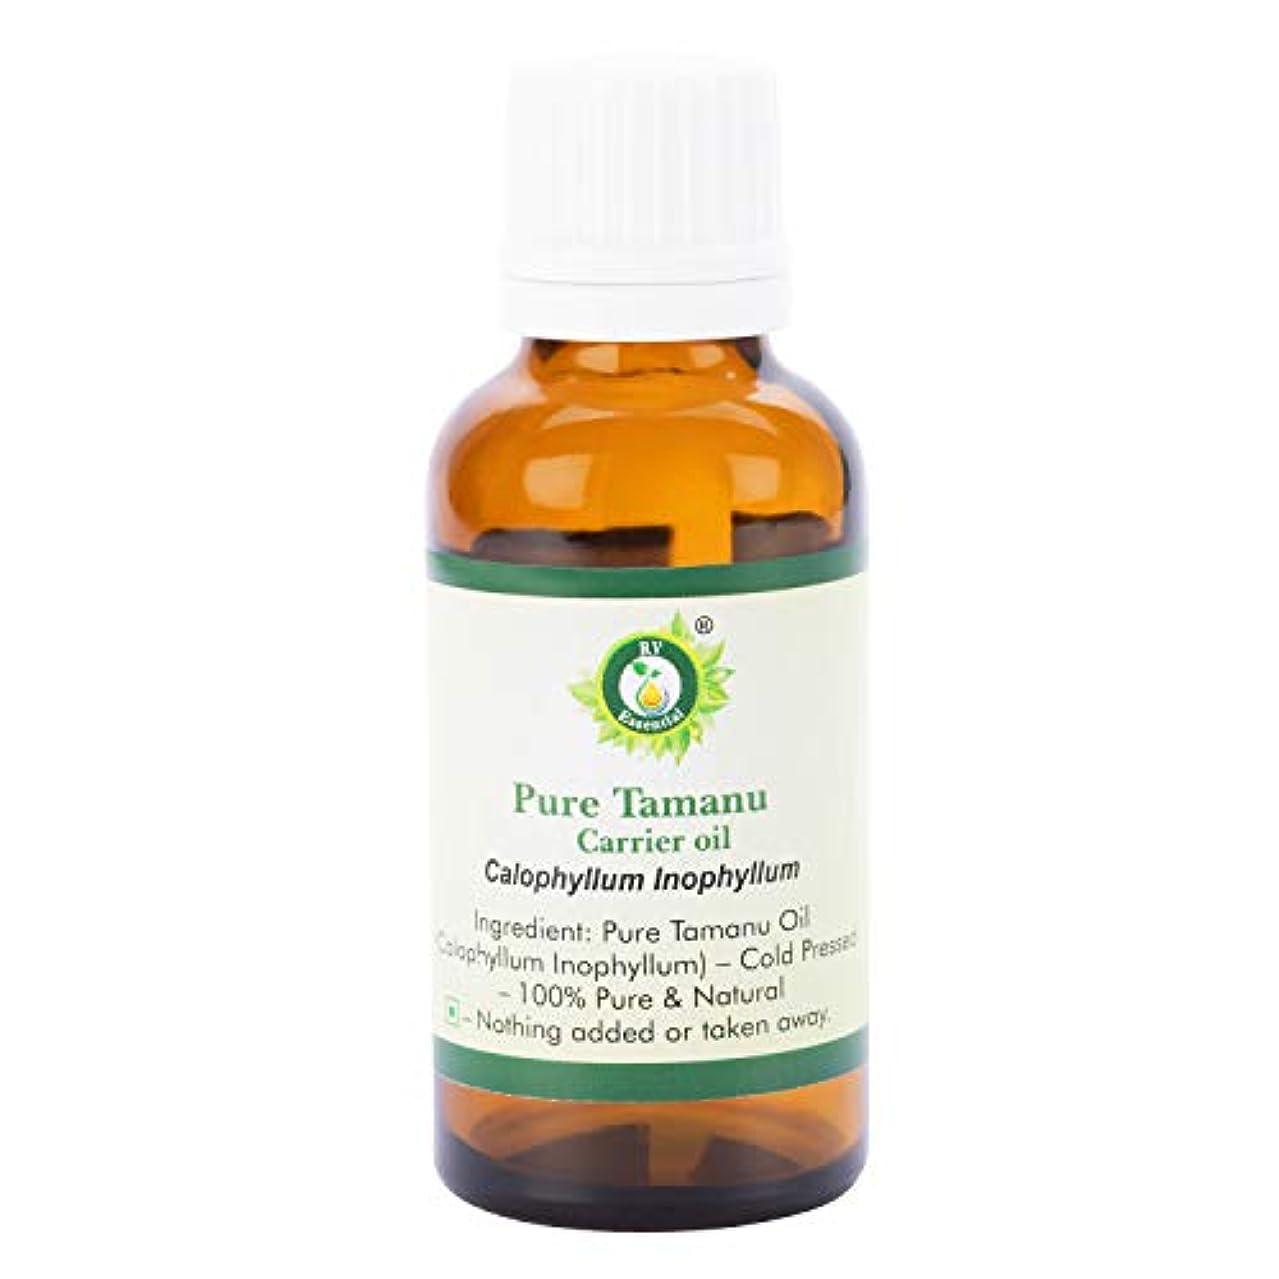 ピュアTamanuキャリアオイル30ml (1.01oz)- Calophyllum Inophyllum (100%ピュア&ナチュラルコールドPressed) Pure Tamanu Carrier Oil